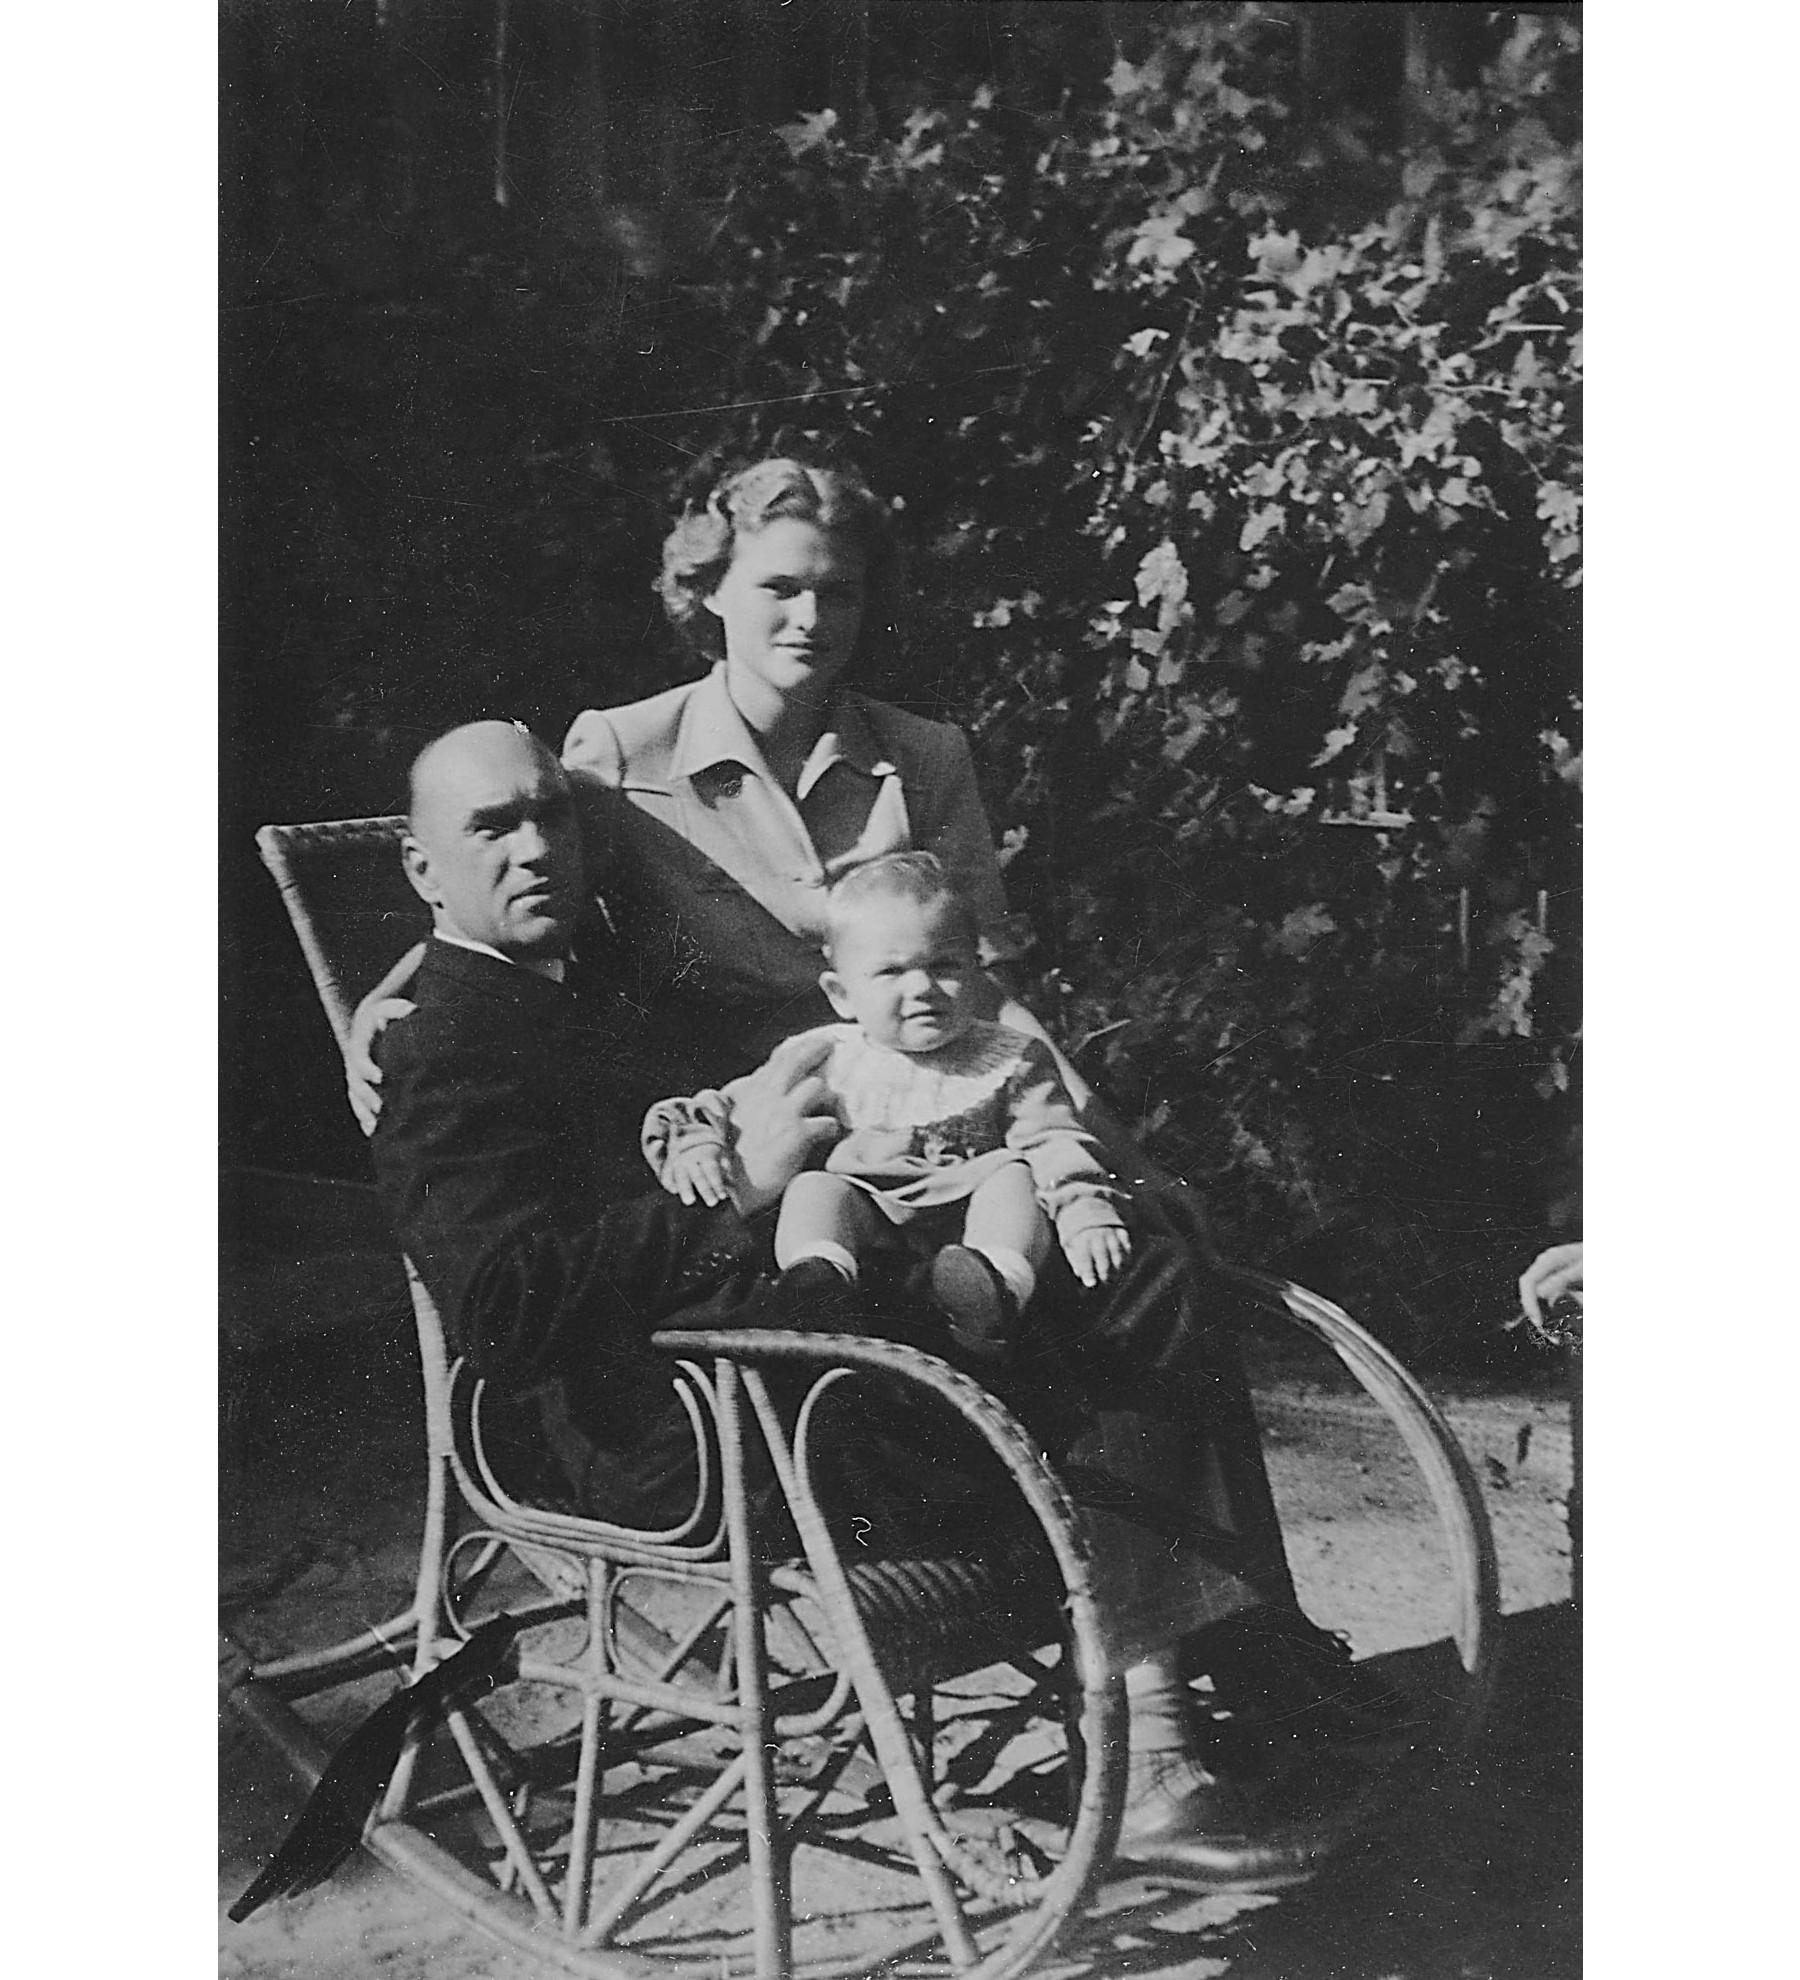 Jarosław i Teresa z małym Maćkiem Włodkiem, lato 1945 (fot. archiwum rodzinne)